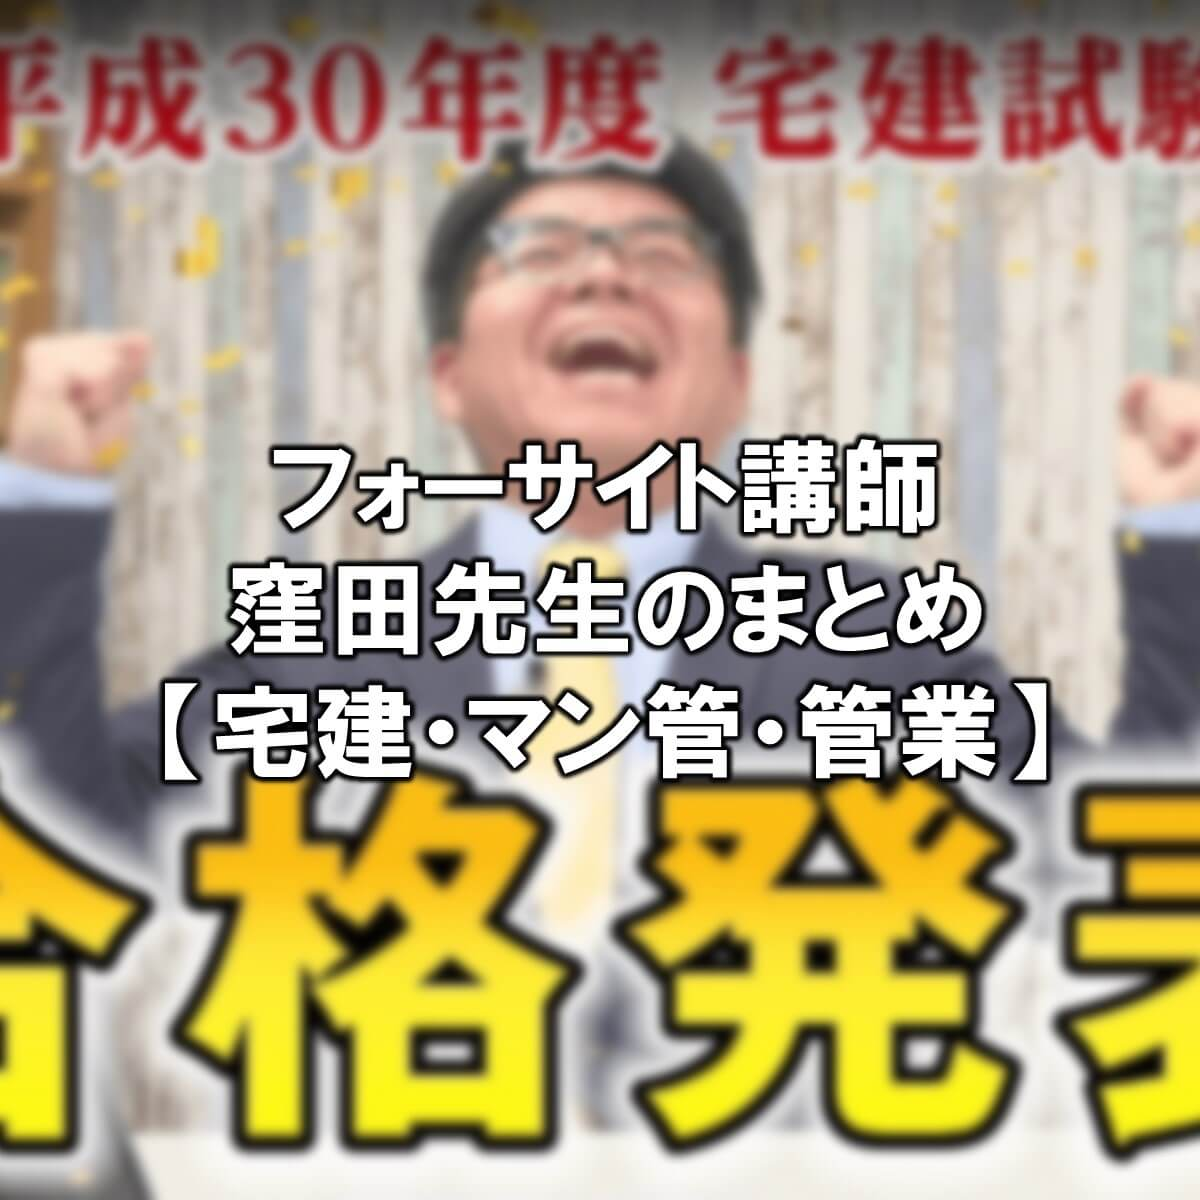 フォーサイト講師 窪田義幸先生の経歴まとめ【宅建・管業・マン管】